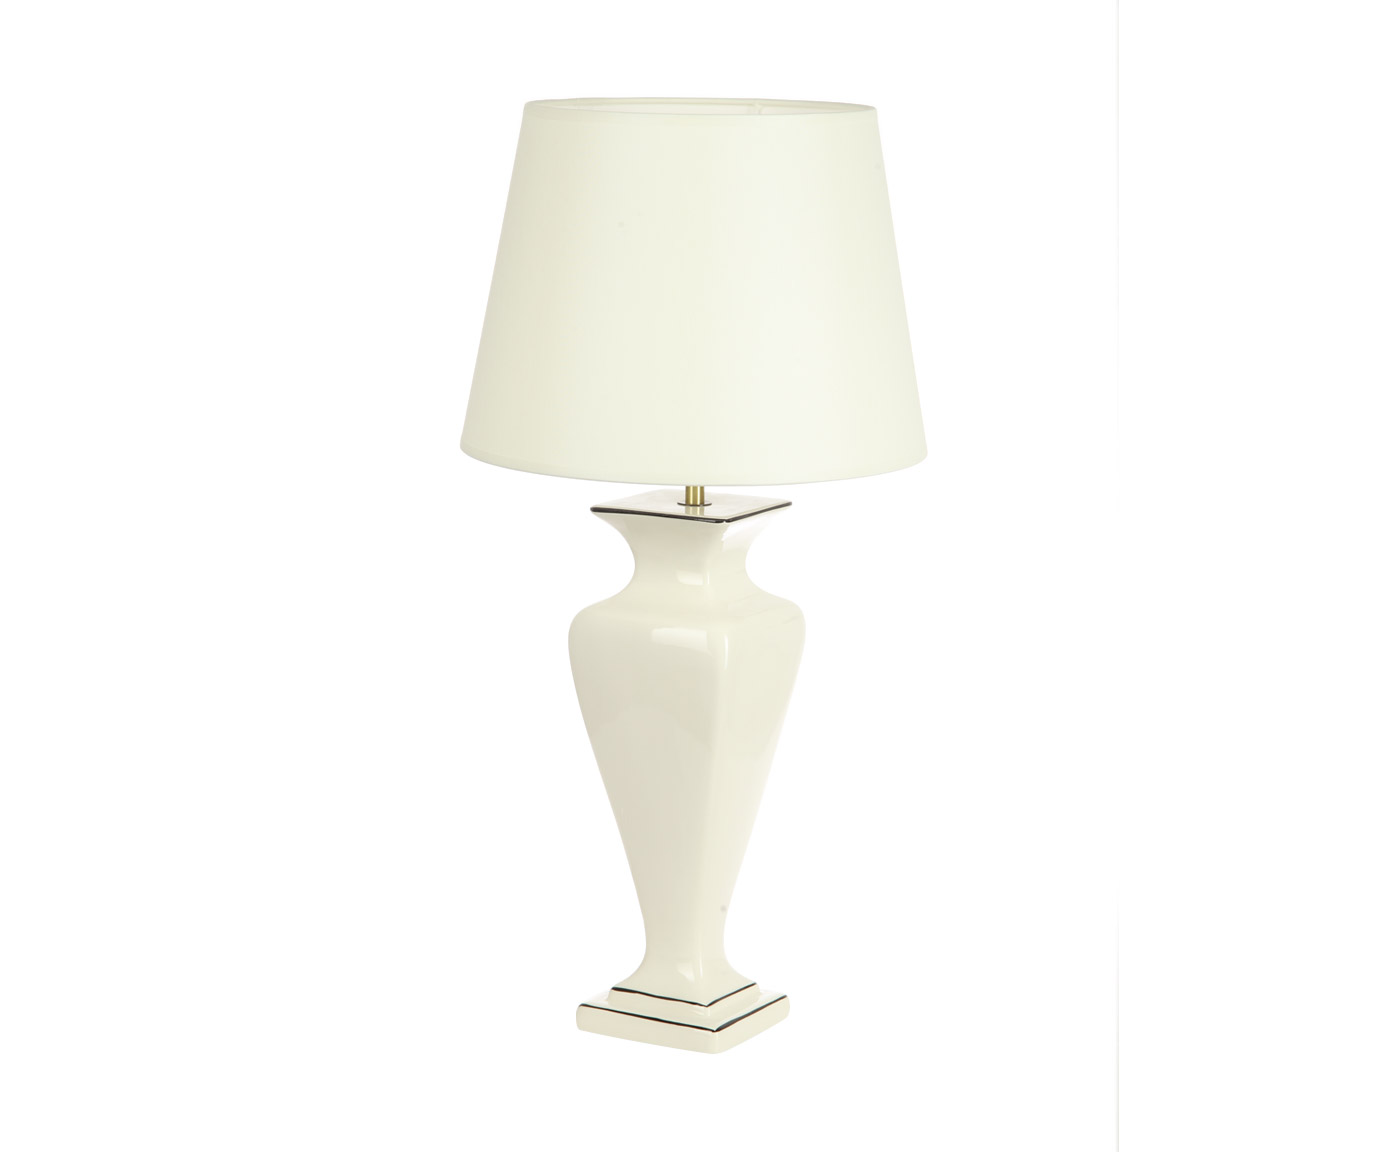 Настольная лампаДекоративные лампы<br>&amp;lt;div&amp;gt;Белоснежная настольная лампа от Farol с керамической ножкой – это воплощение классицизма. Строгие, точно выверенные линии, идеальная симметрия, чистый цвет, контрастные акценты. Эта лампа предназначена для светлых, просторных интерьеров и призвана поддерживать общую дизайнерскую идею, а не контрастировать с ней.&amp;lt;br&amp;gt;&amp;lt;/div&amp;gt;&amp;lt;div&amp;gt;&amp;lt;br&amp;gt;&amp;lt;/div&amp;gt;&amp;lt;div&amp;gt;&amp;lt;div&amp;gt;Вид цоколя: E27&amp;lt;/div&amp;gt;&amp;lt;div&amp;gt;Мощность: 60W&amp;lt;/div&amp;gt;&amp;lt;div&amp;gt;Количество ламп: 1&amp;lt;/div&amp;gt;&amp;lt;div&amp;gt;Лампочки в комплект не входят.&amp;lt;/div&amp;gt;&amp;lt;div&amp;gt;Длина шнура - 1,3 метра&amp;lt;/div&amp;gt;&amp;lt;/div&amp;gt;<br><br>Material: Керамика<br>Width см: None<br>Height см: 60<br>Diameter см: 30